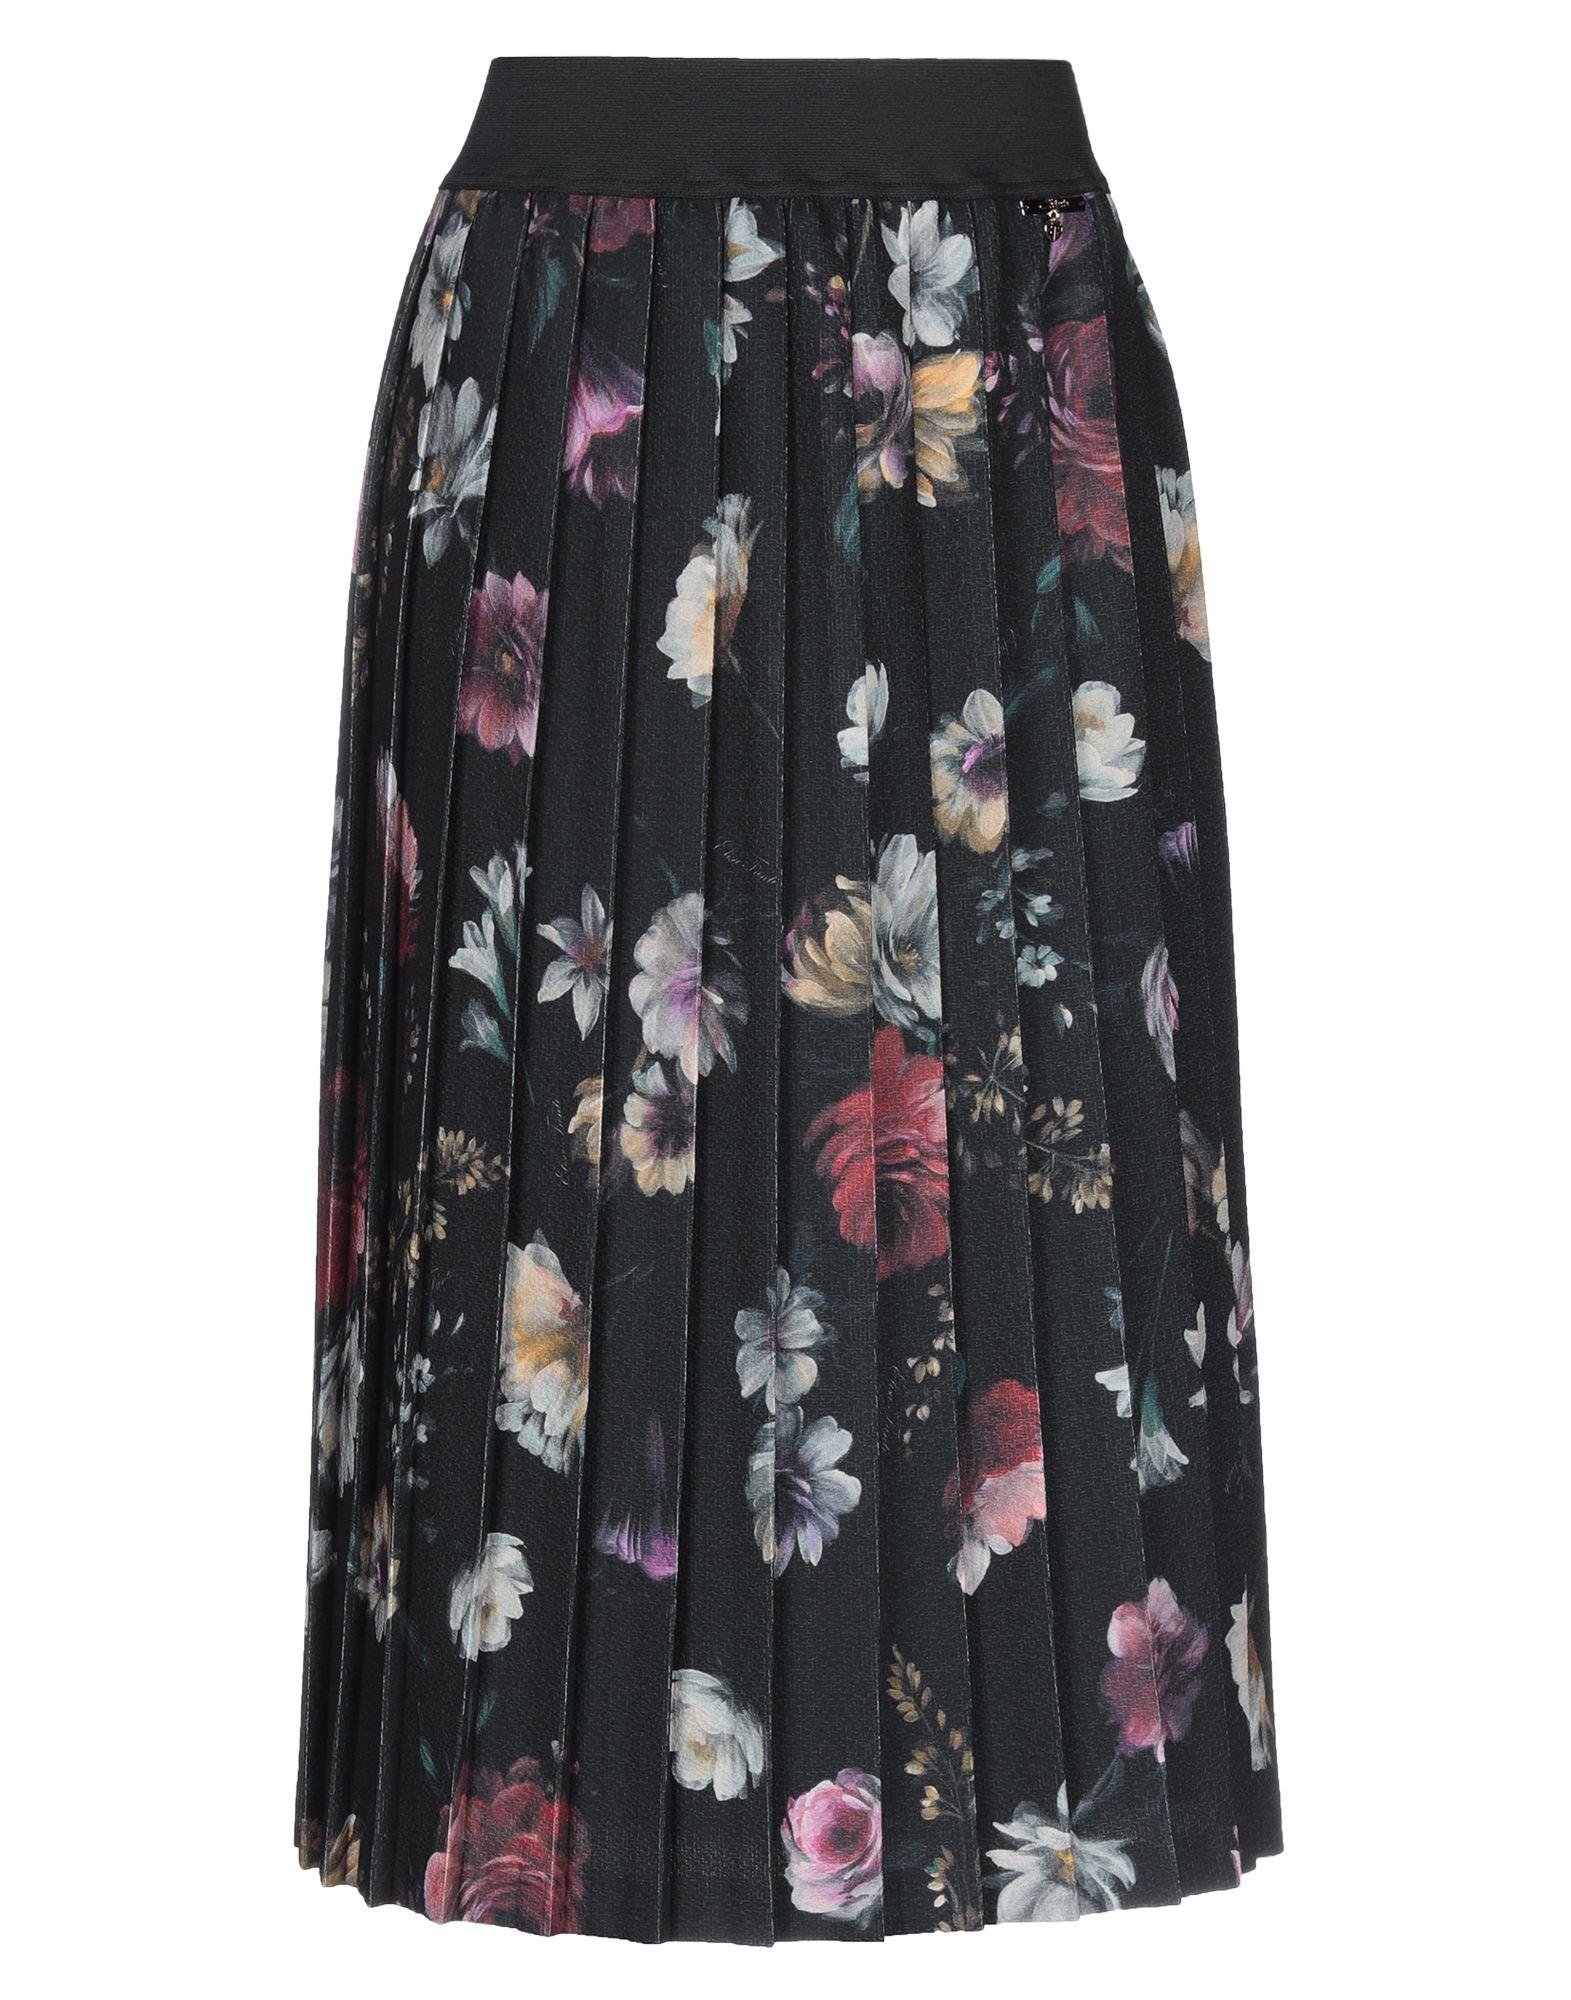 Фото - ELISA FANTI Юбка длиной 3/4 юбка elisa fanti юбка